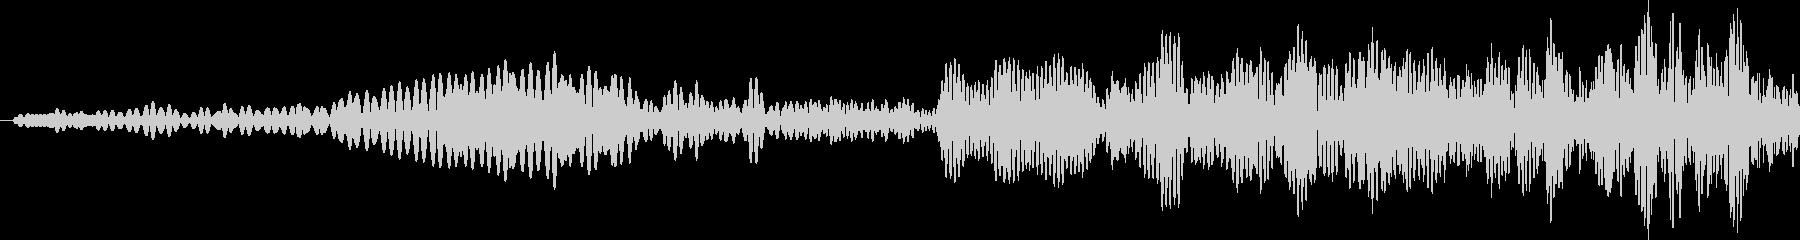 ブァアッ (ステータスアップの効果音)の未再生の波形